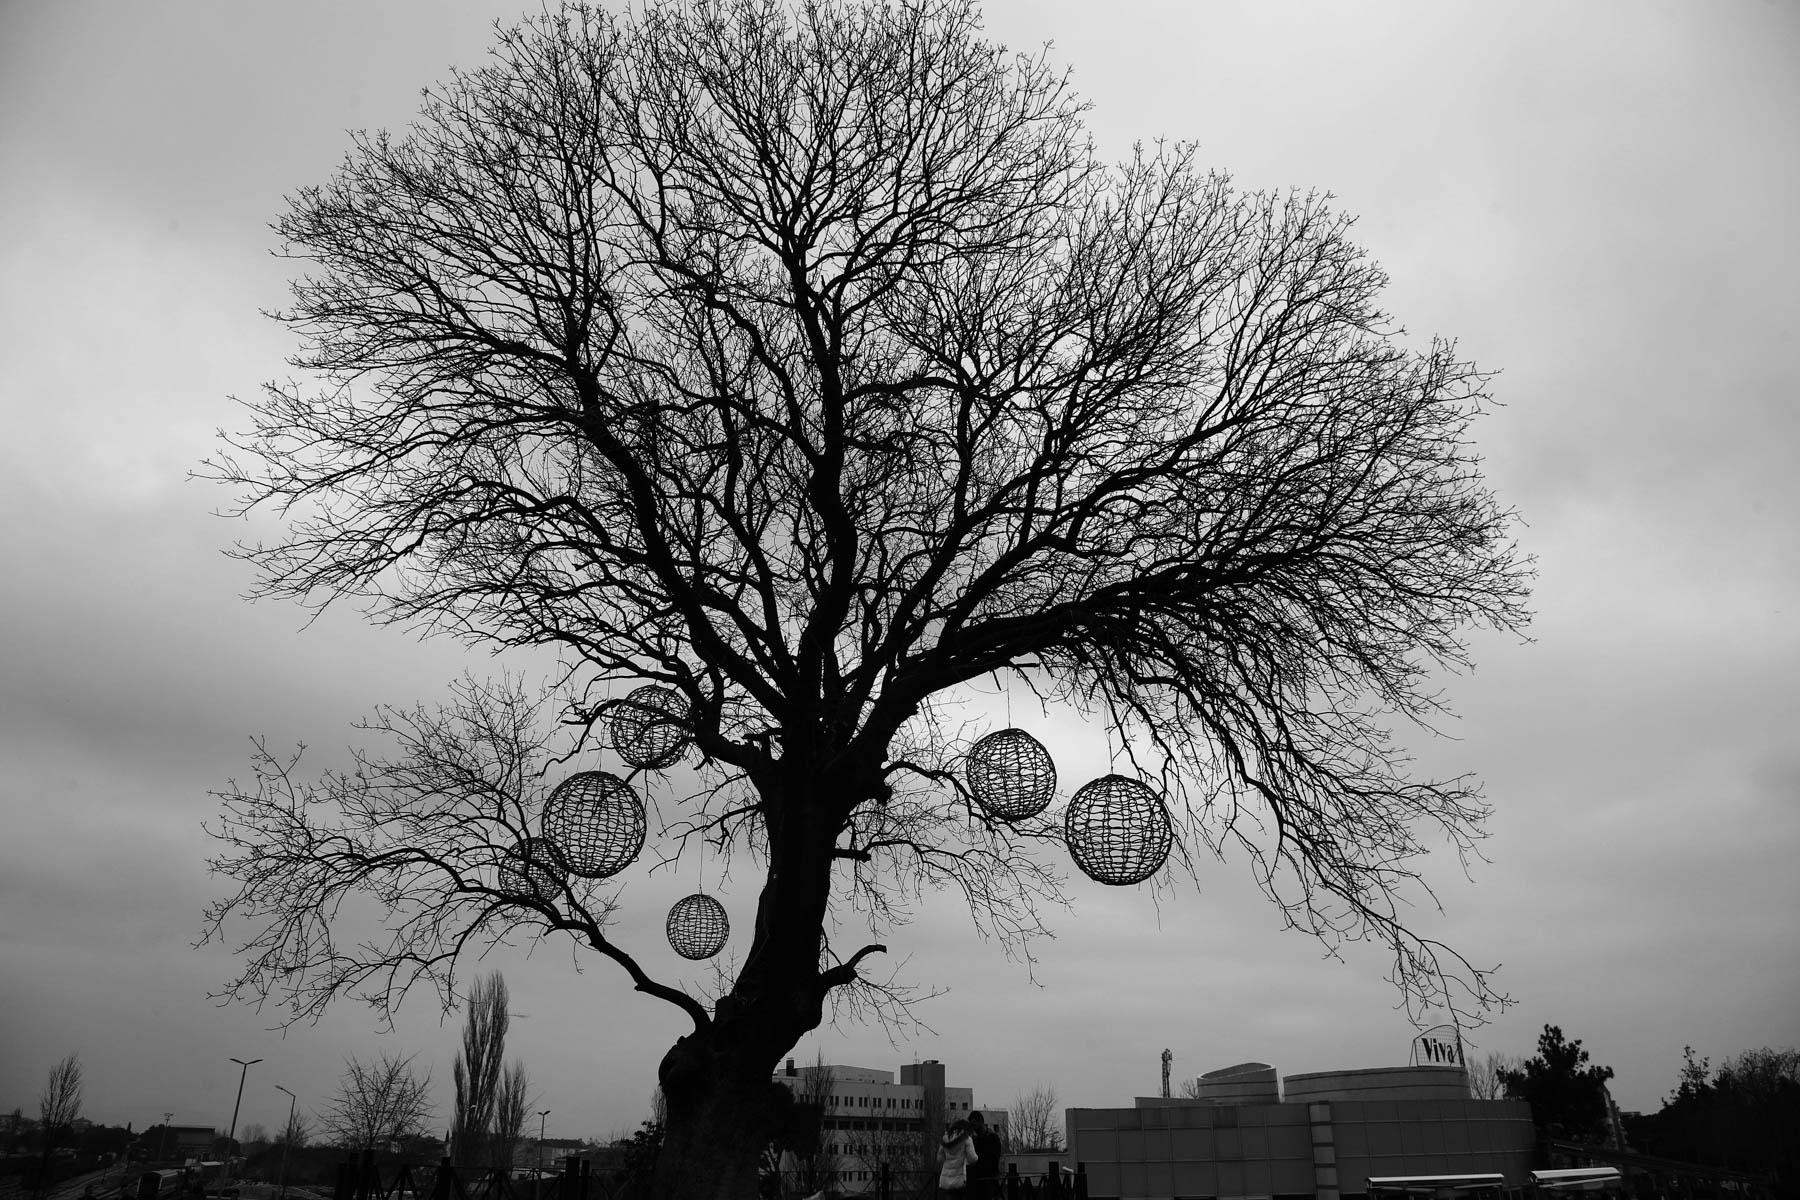 """İZMİR ÇEVRE VE ŞEHİRCİLİK İL MÜDÜRLÜĞÜ TARAFINDAN DÜZENLENEN """"YAŞANABİLİR ÇEVRE VE SIFIR ATIK"""" KONULU FOTOĞRAF YARIŞMASI SONUÇLARI"""